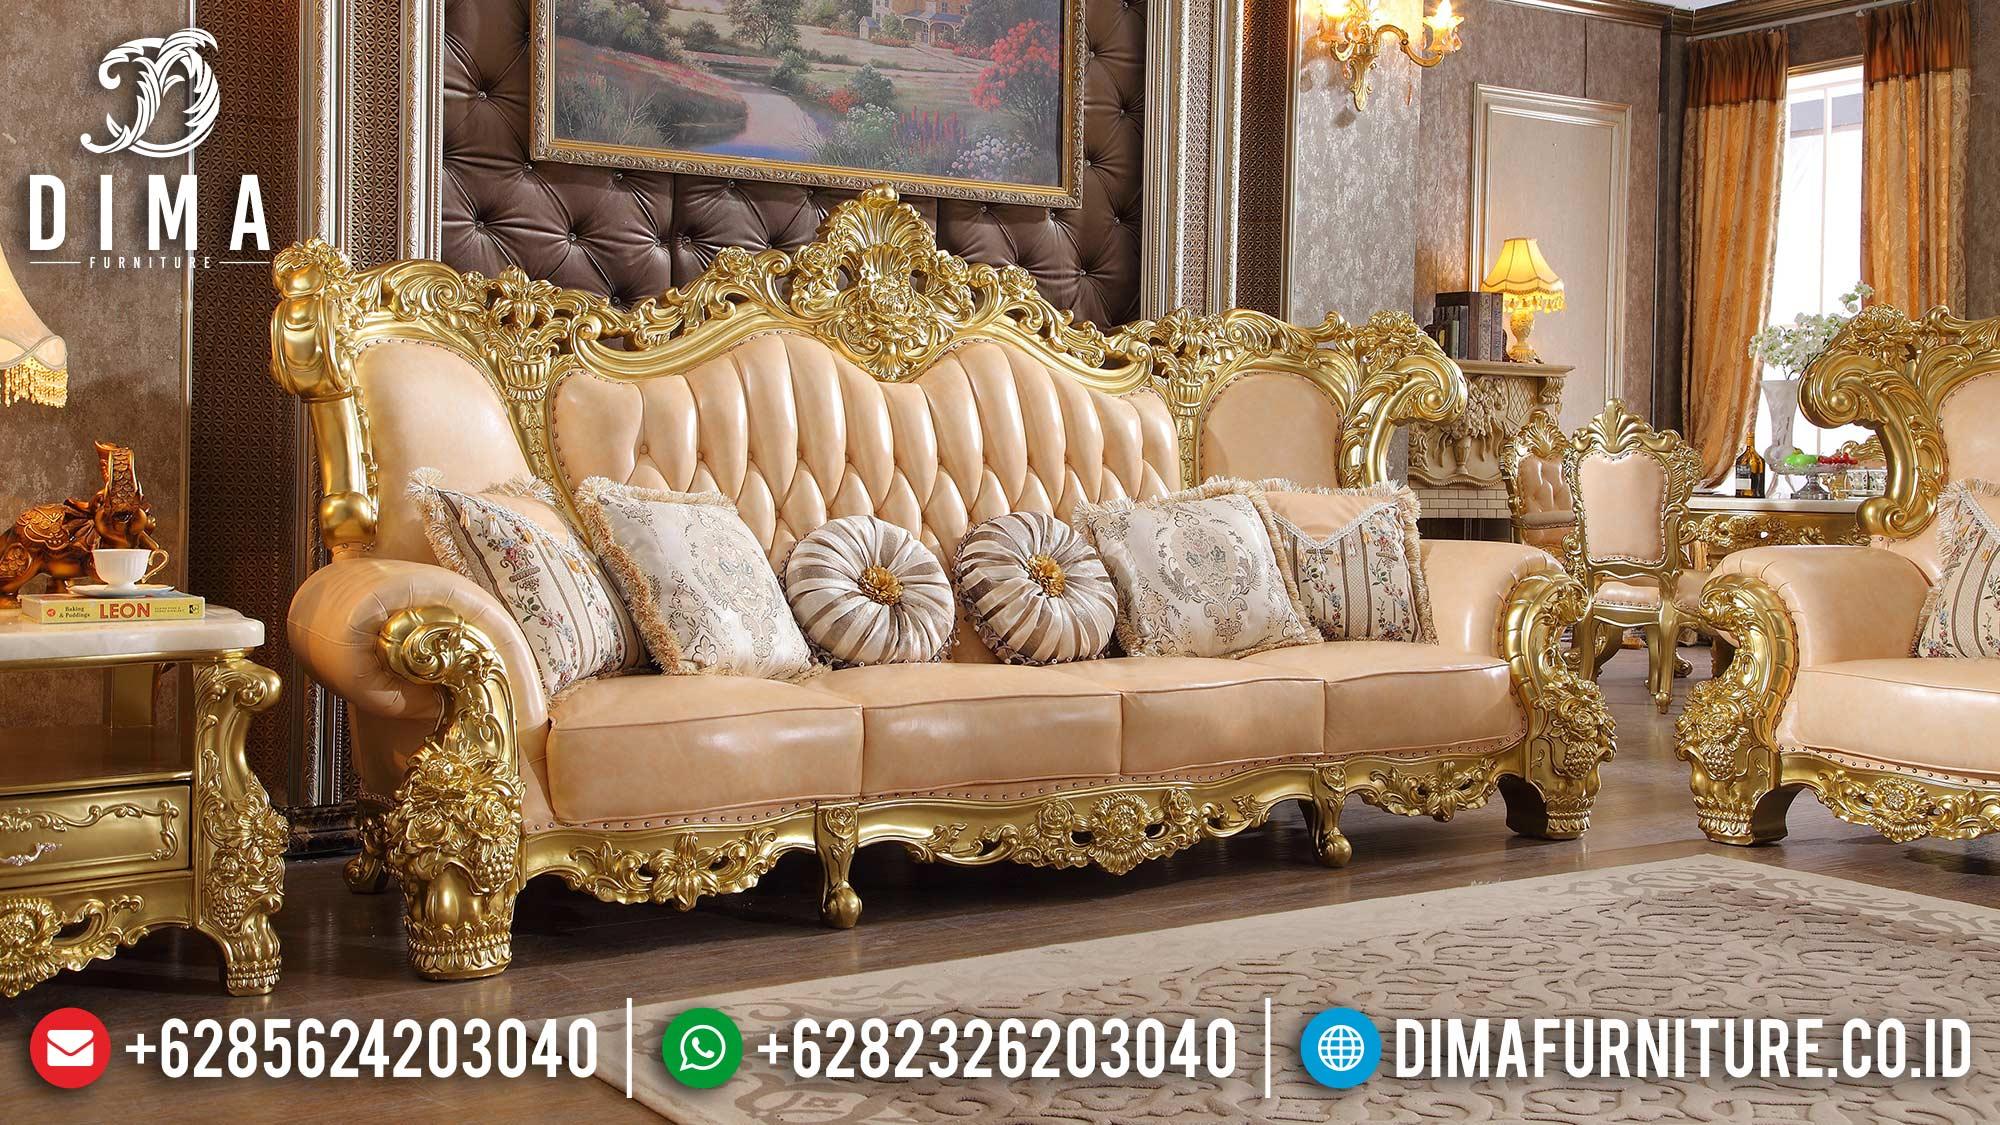 New Sofa Tamu Jepara Mewah 3 Dudukan Luxury Carving Furniture Klasik Jepara ST-1368